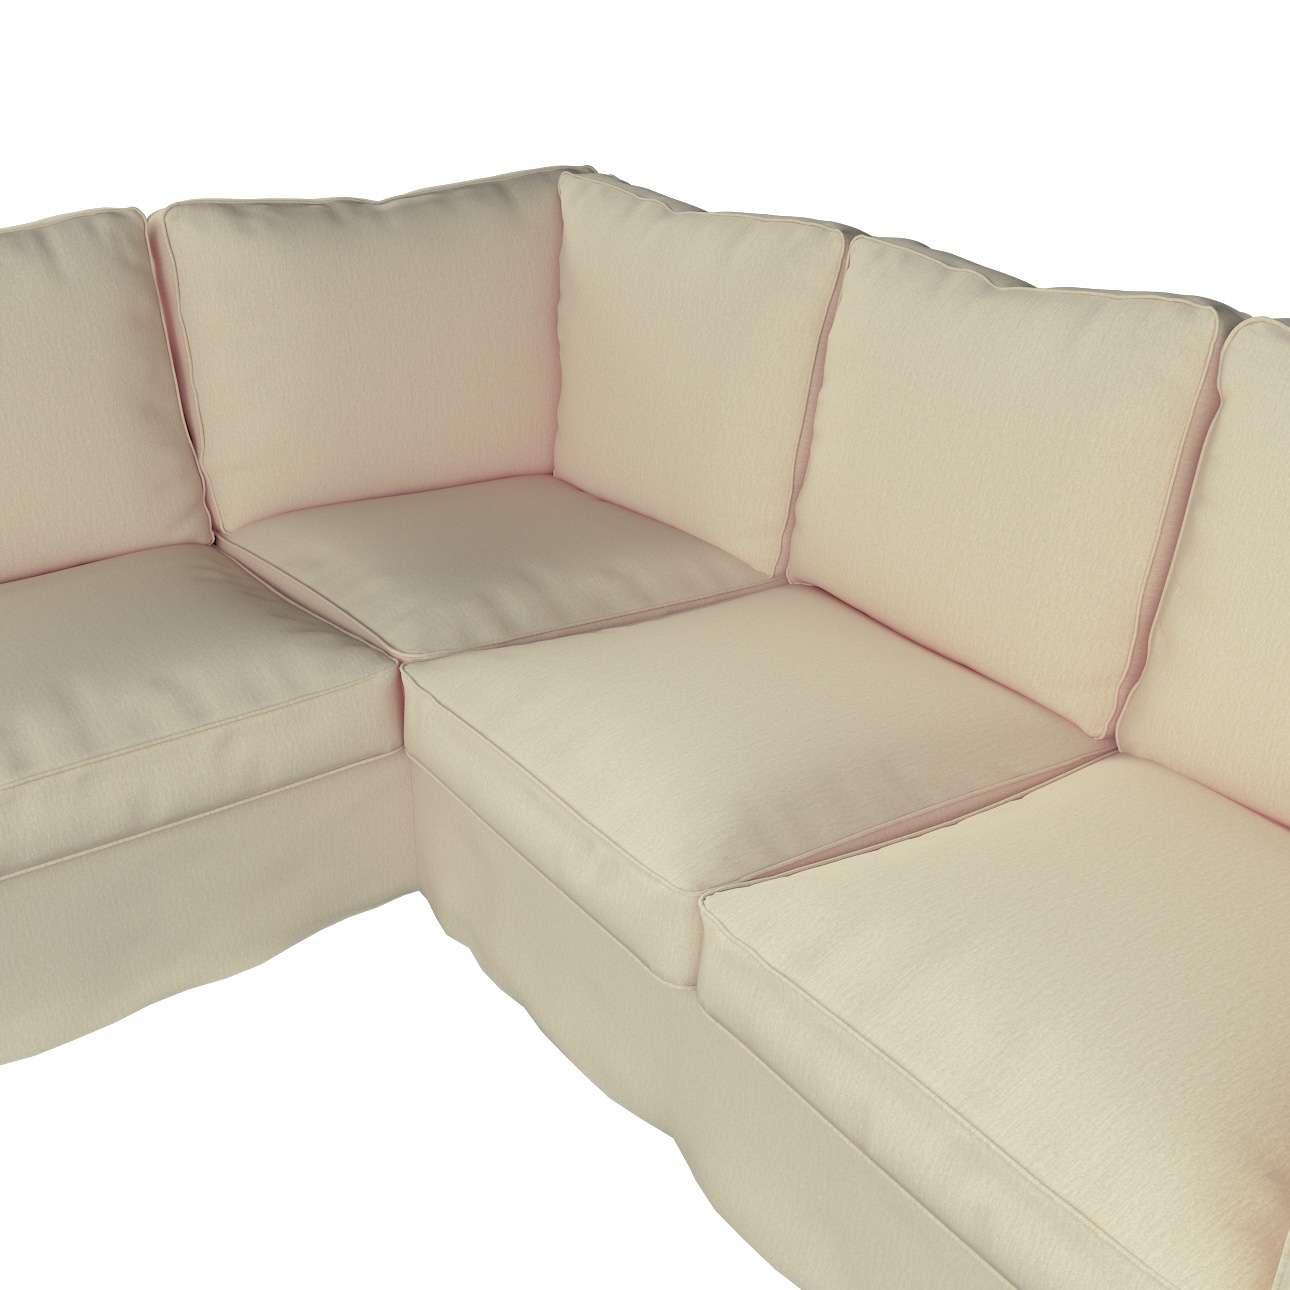 Pokrowiec na sofę narożną Ektorp w kolekcji Chenille, tkanina: 702-22